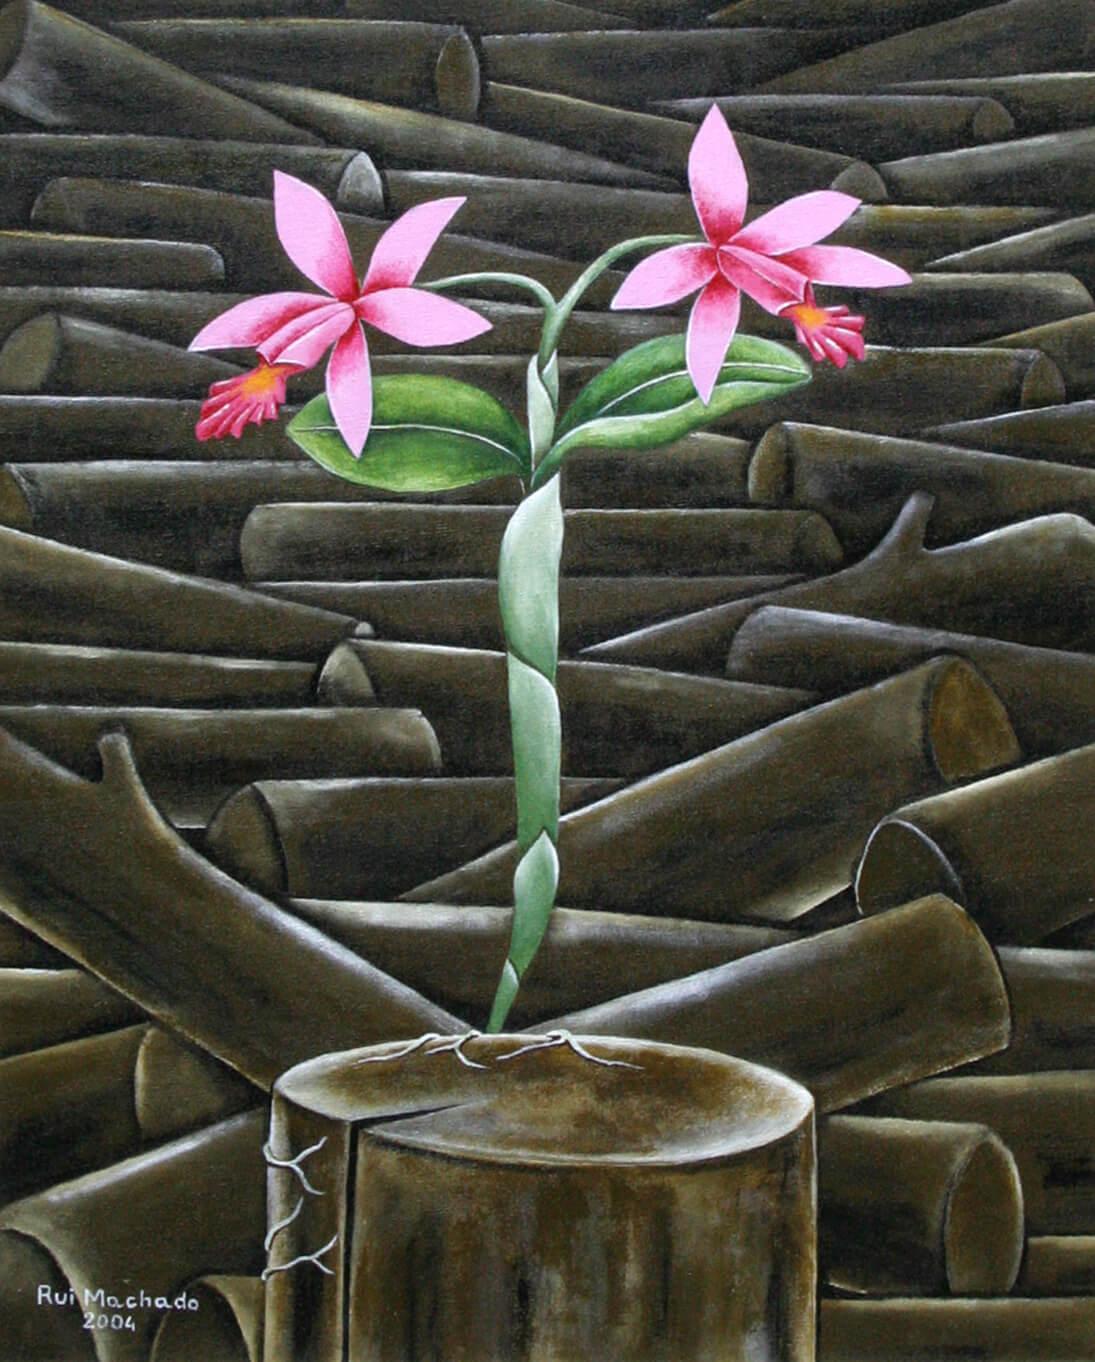 """Série: """"Floral"""", (40 x 50 cm), acrílica sobre tela, 2004"""